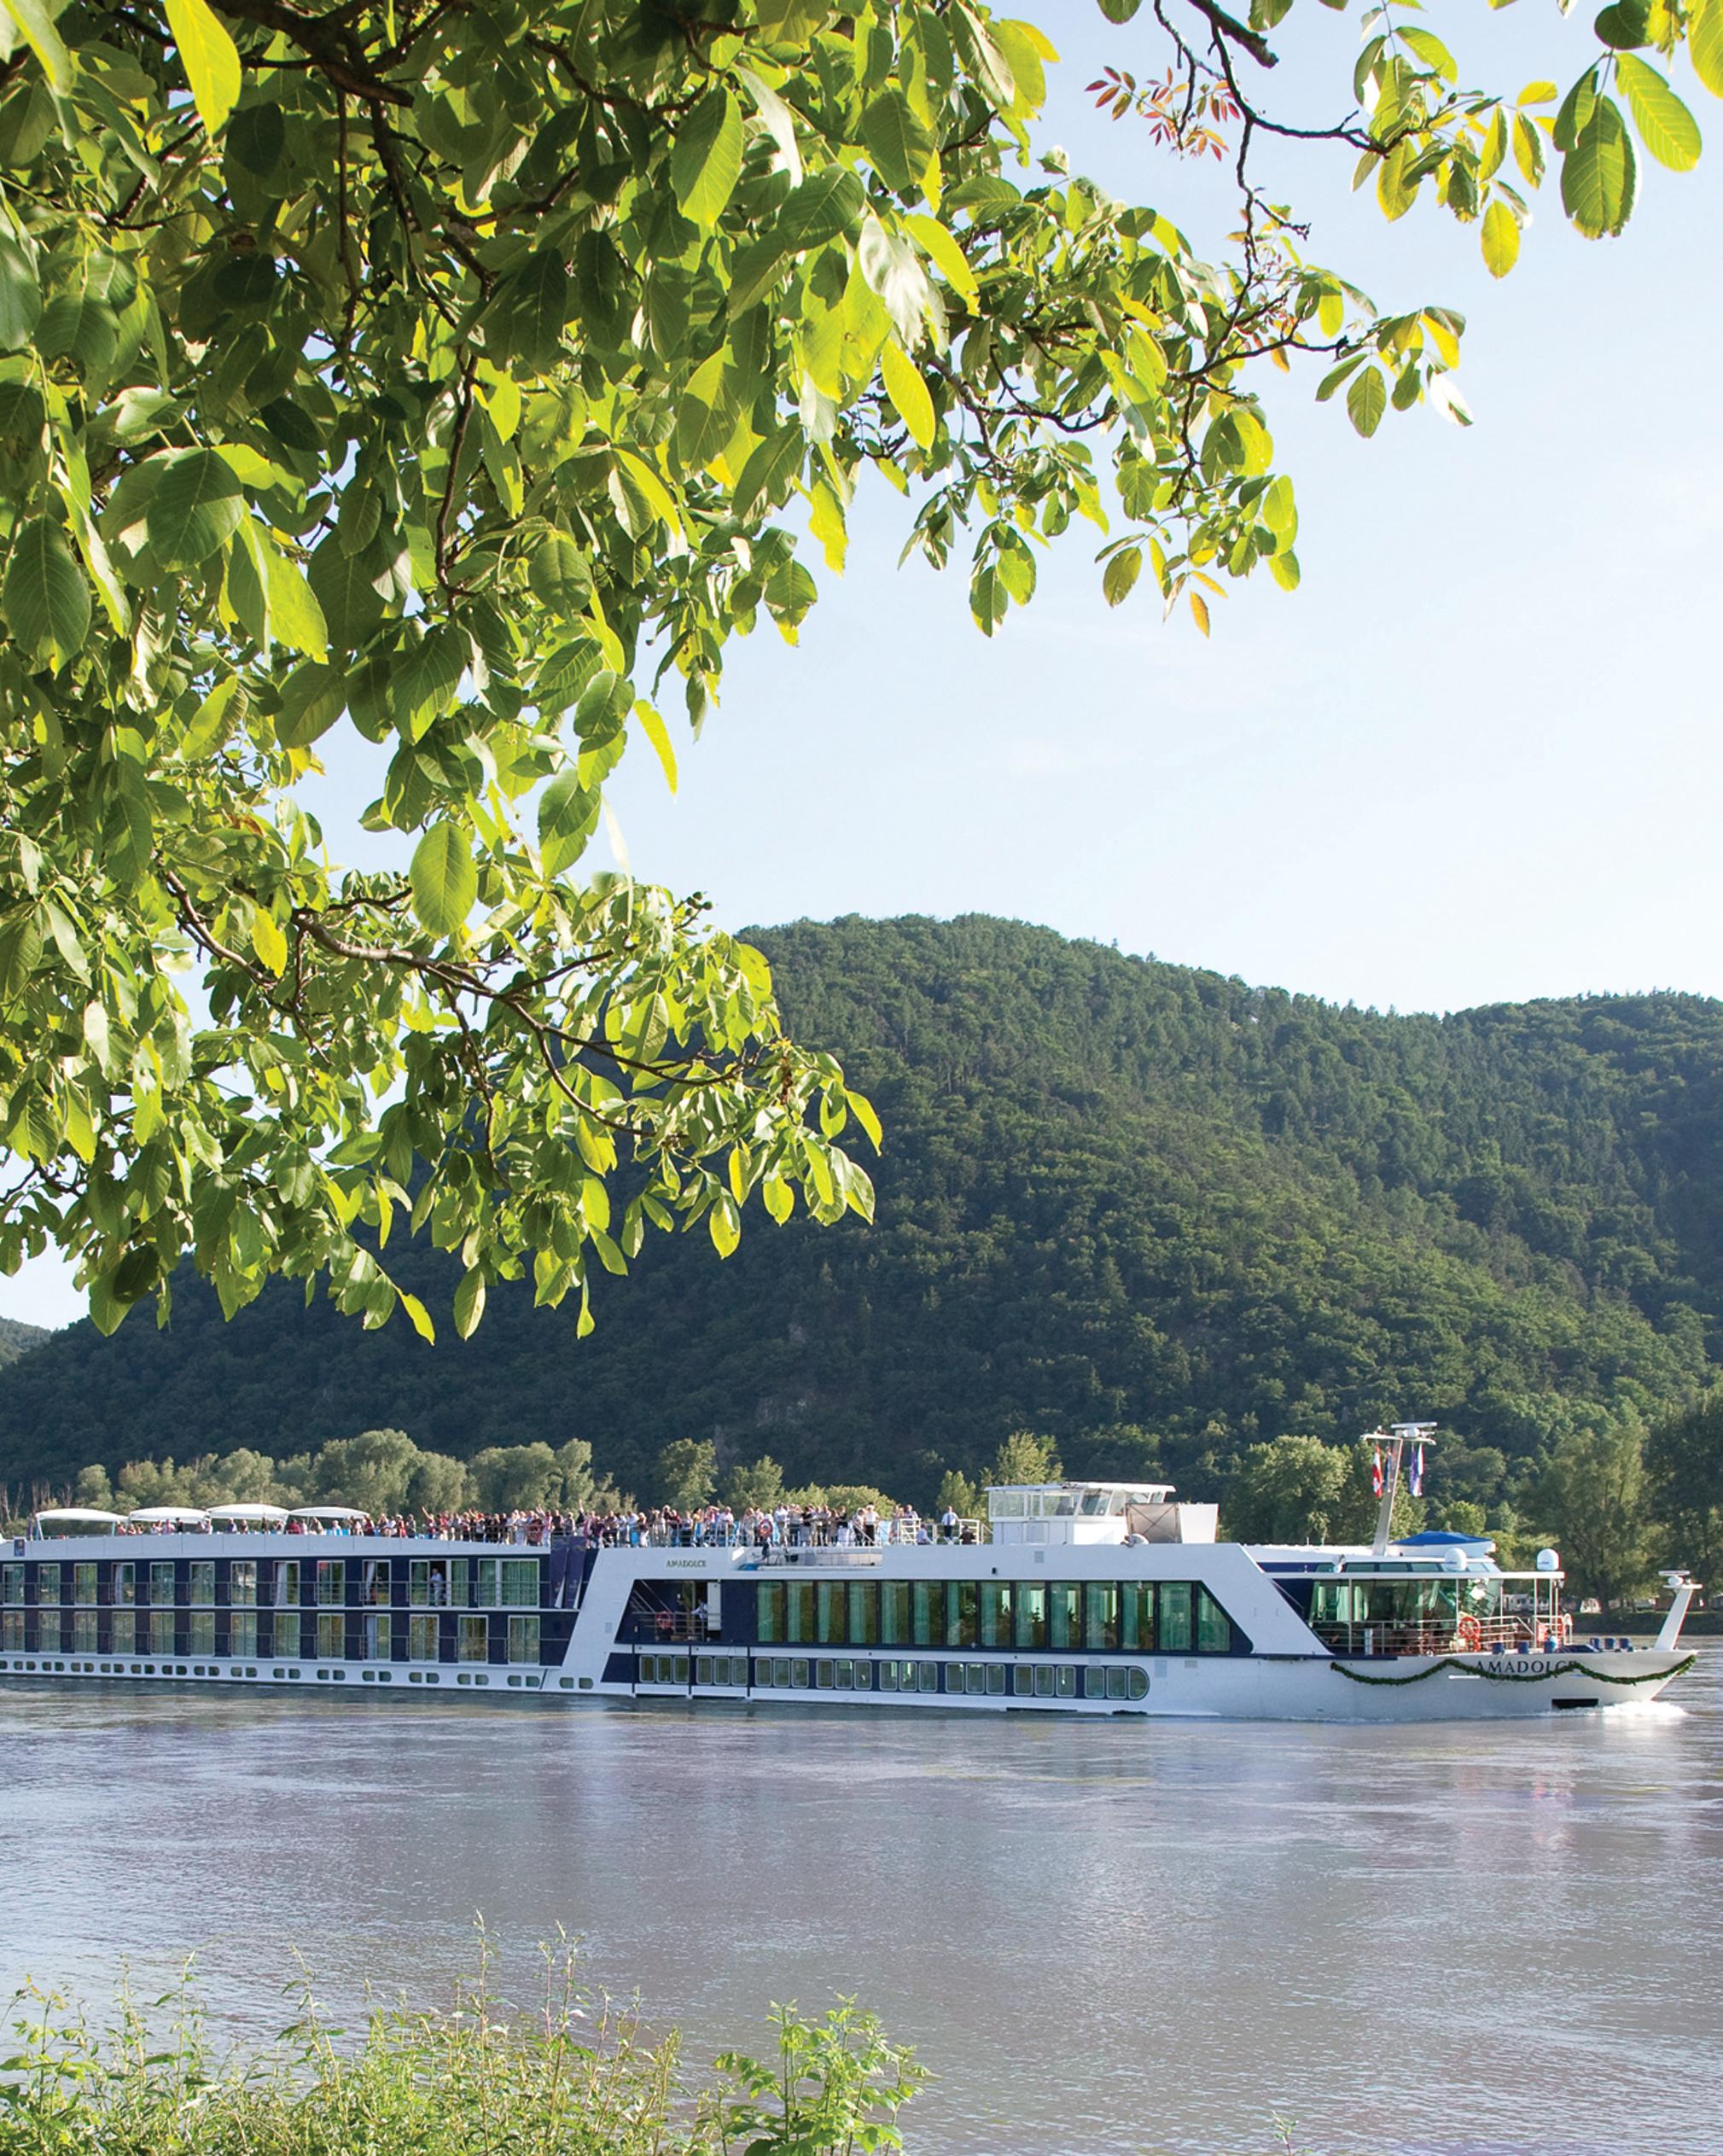 honeymoon-cruise-amawaterways-1015.jpg